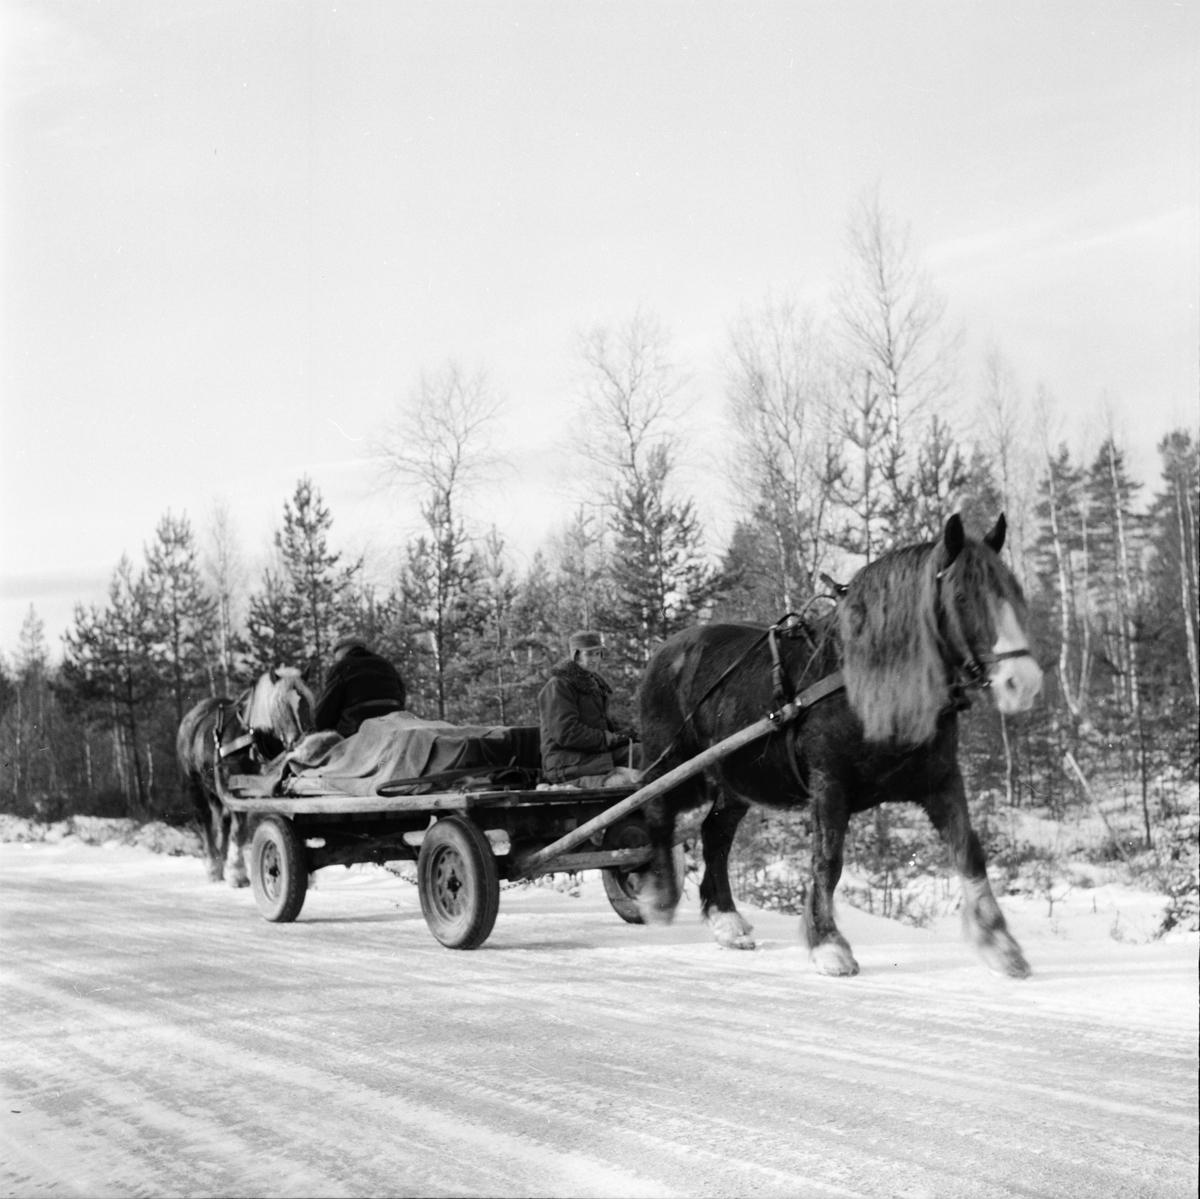 Skolbarn, affären, skogskörare i Skräddrabo. 18/1 1957